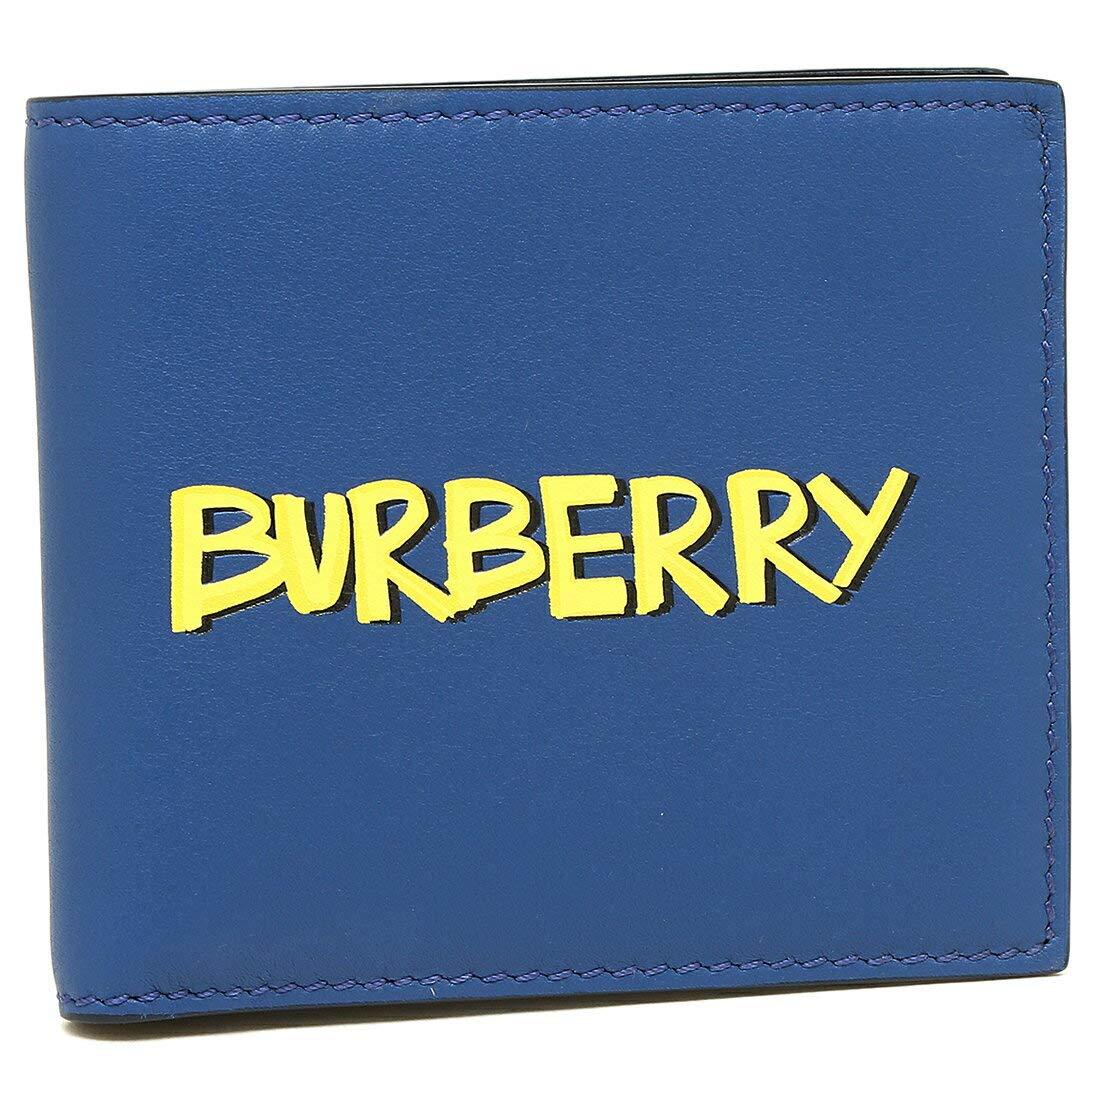 [バーバリー]折財布 メンズ BURBERRY 4076278 40900 ブルー [並行輸入品] B07HHRHKF8